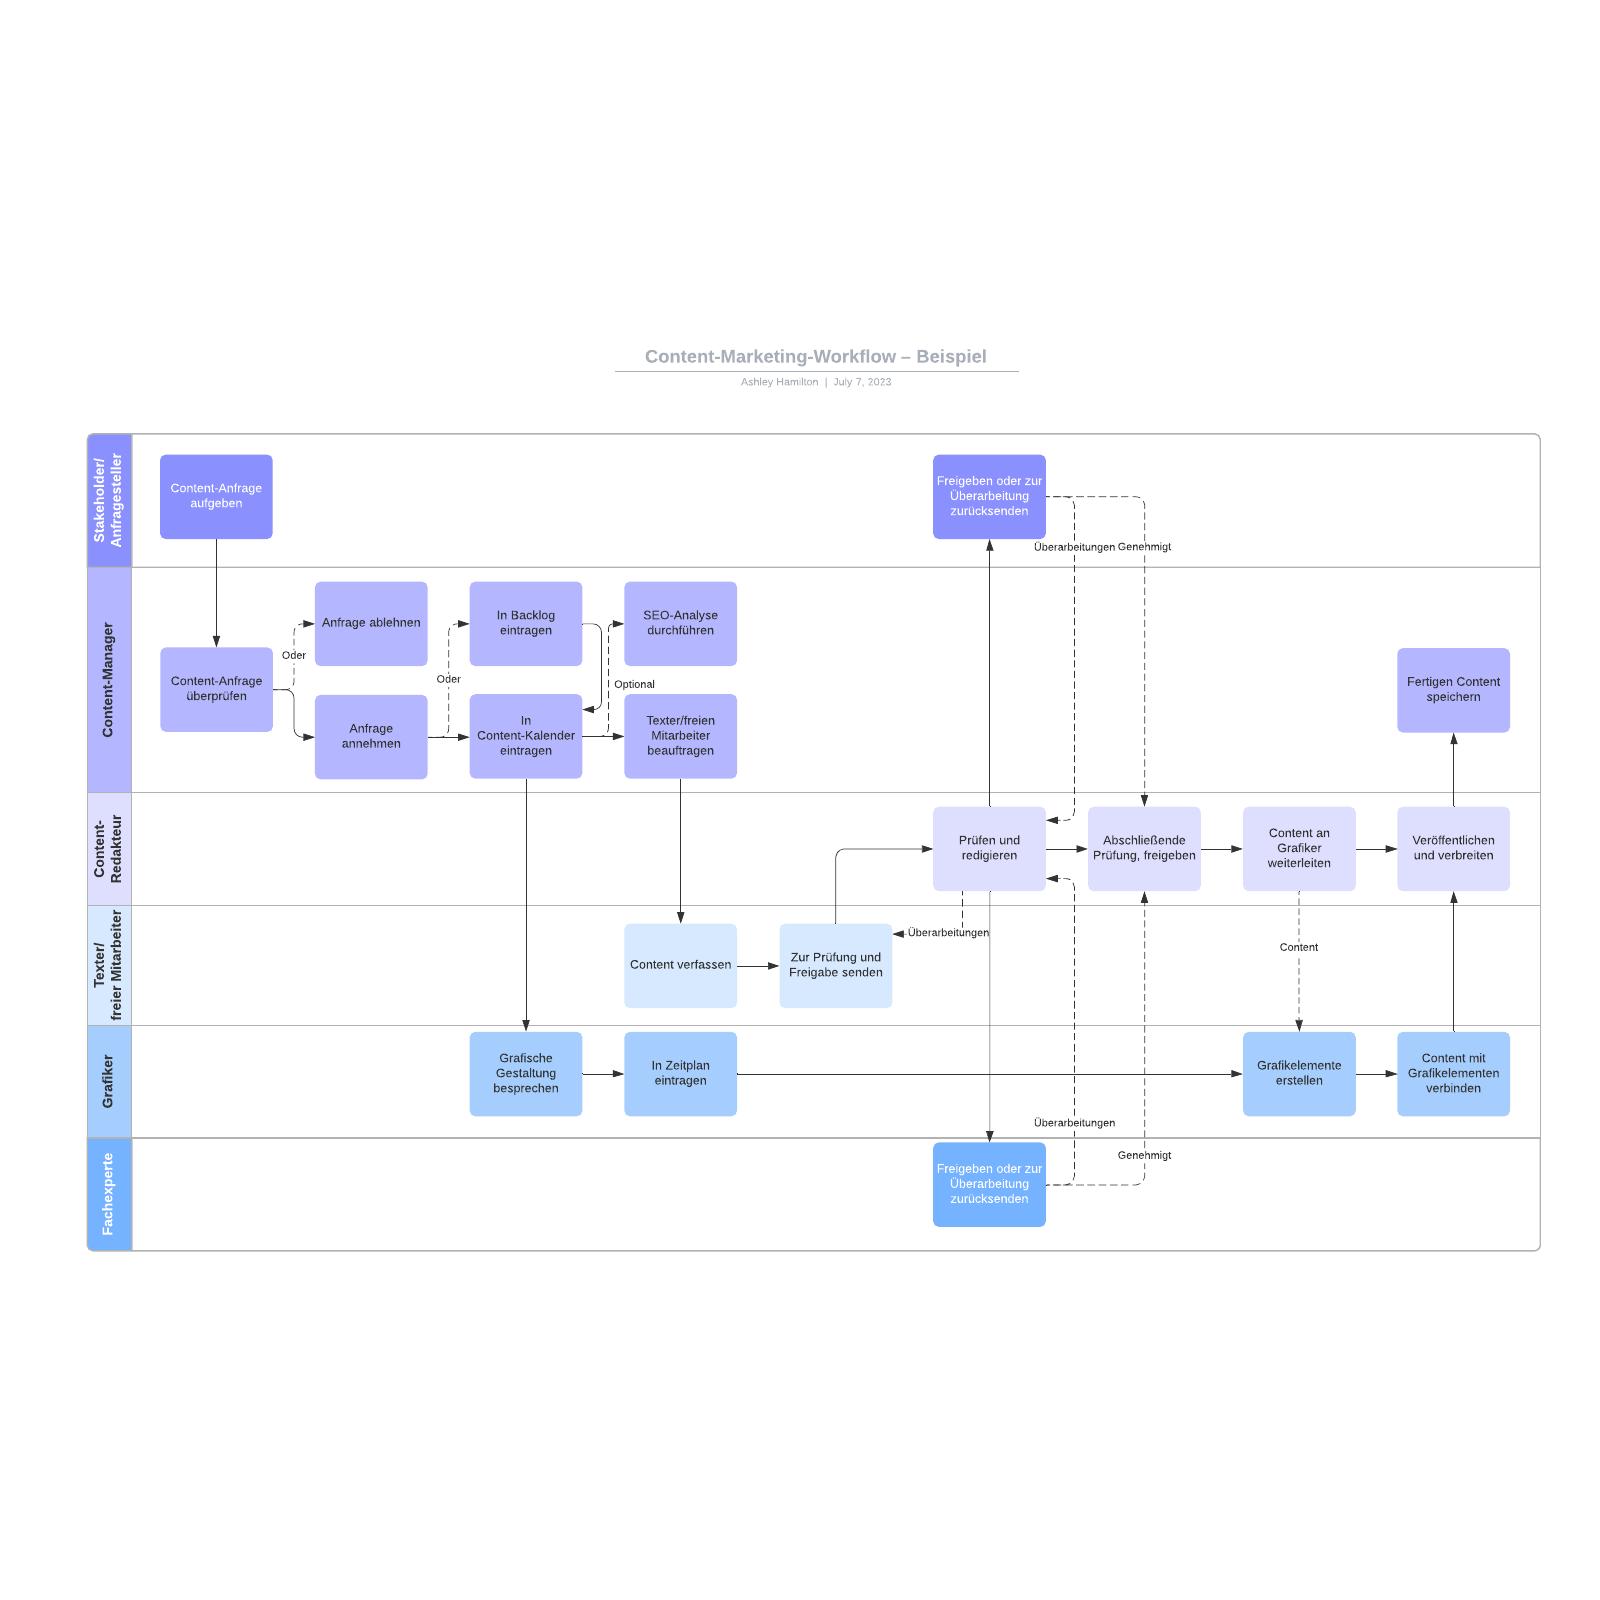 Content-Marketing-Workflow – Beispiel